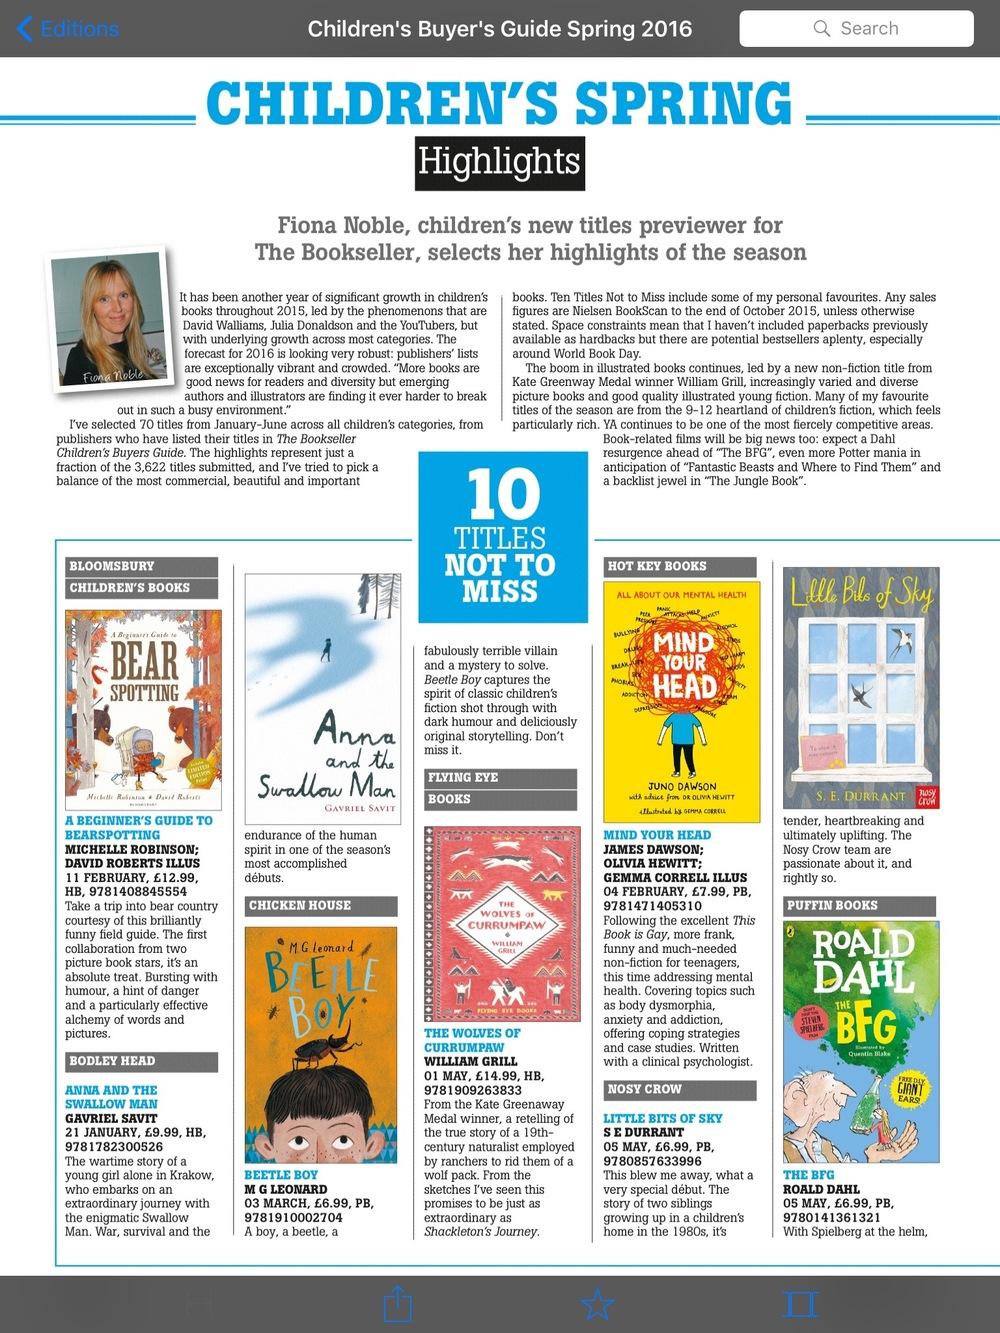 ChildrensSpringHighlightsBookseller.jpg